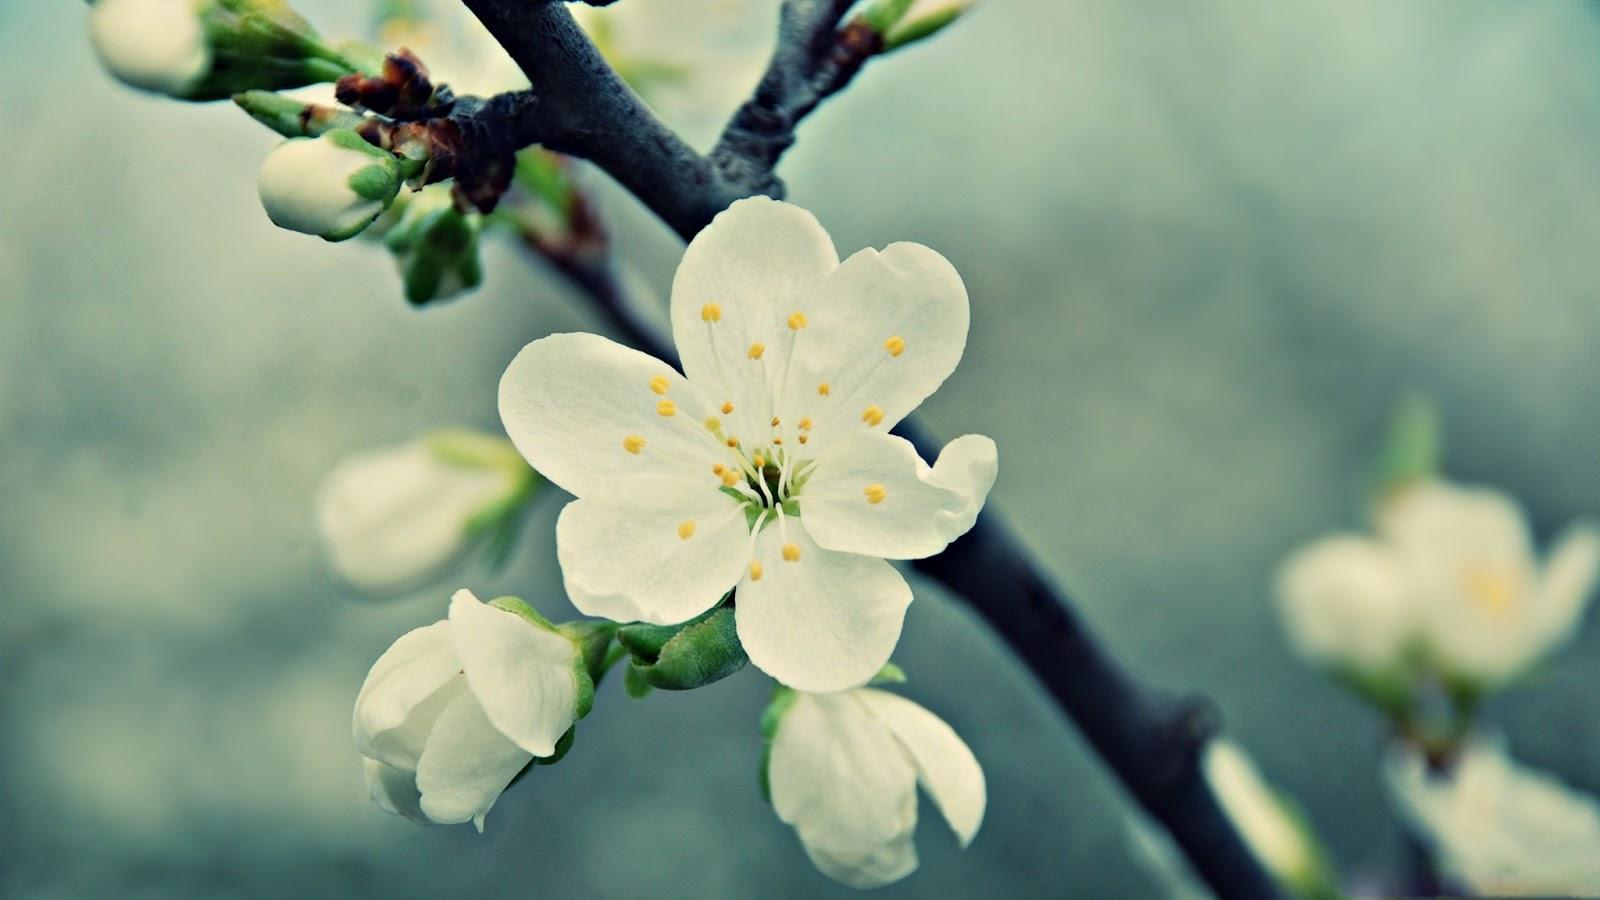 http://2.bp.blogspot.com/-a9z1v8vpAj0/UOakuKd3u2I/AAAAAAAAJh4/xTpttepv7kA/s1600/hinh-nen-hd-dep-cho-may-tinh-hoa-mai-trang-spring_flowers_4-wallpaper-2560x1440.jpg